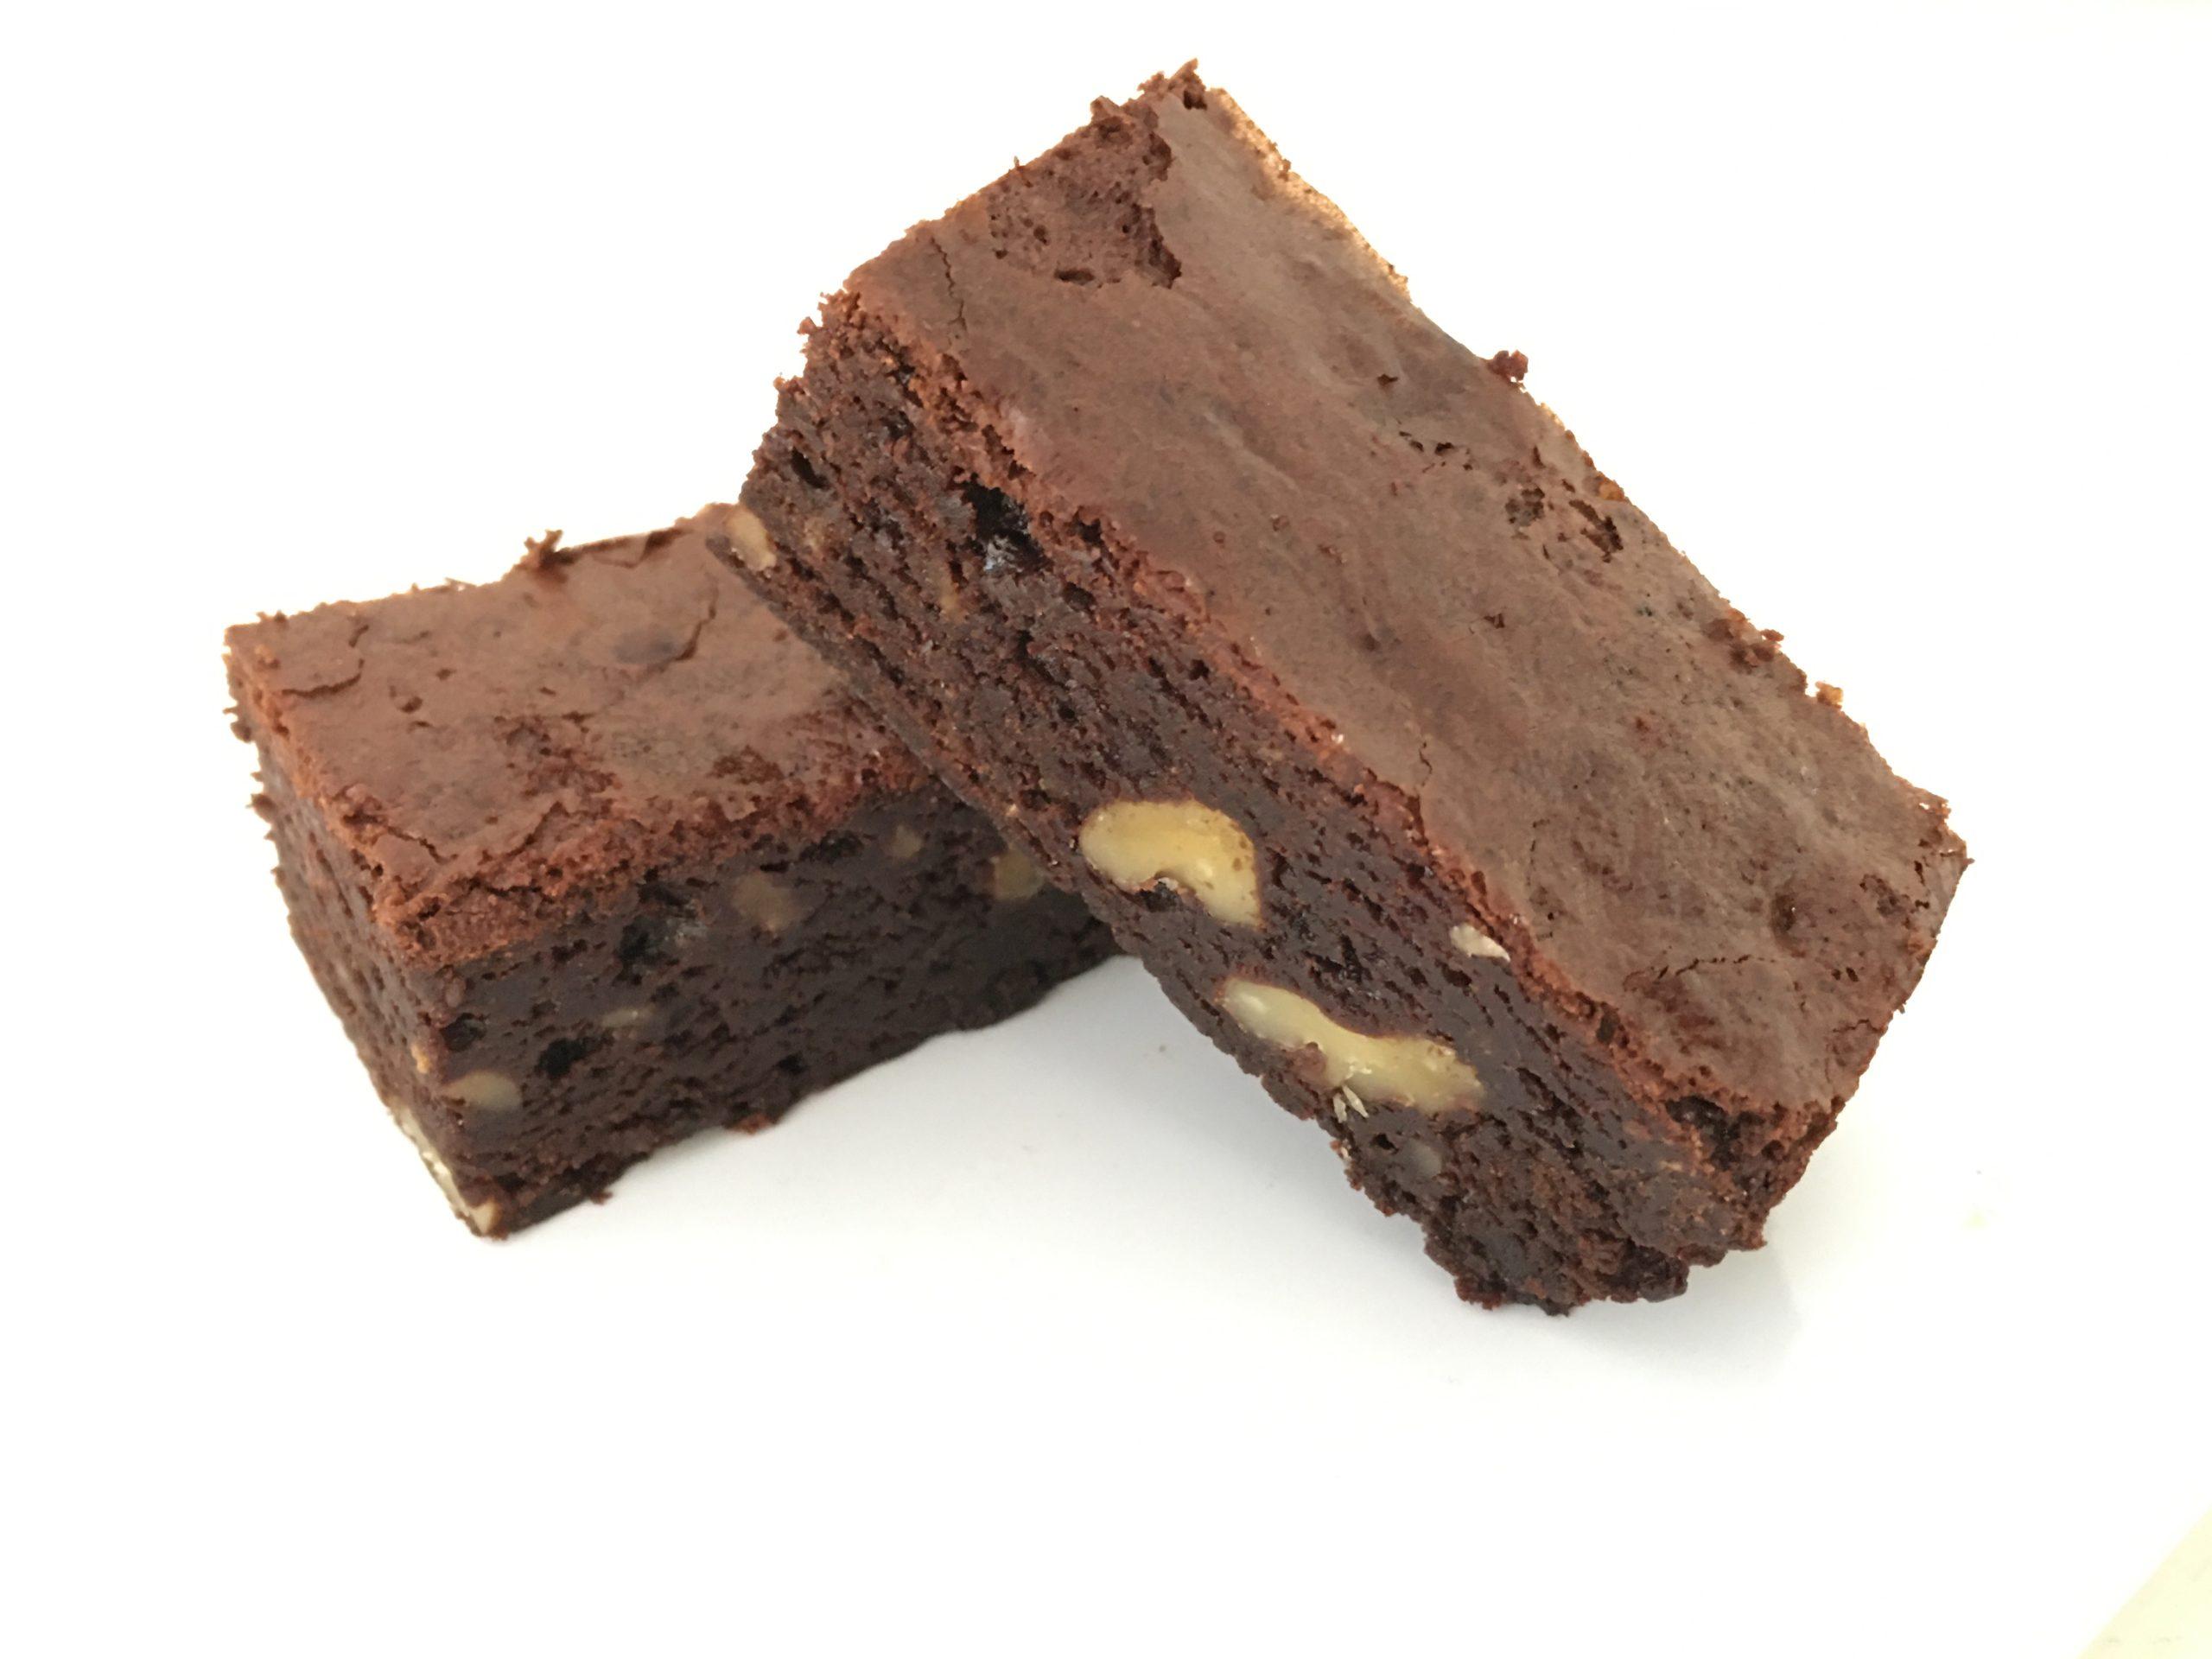 Brownie con nueces para comprar online